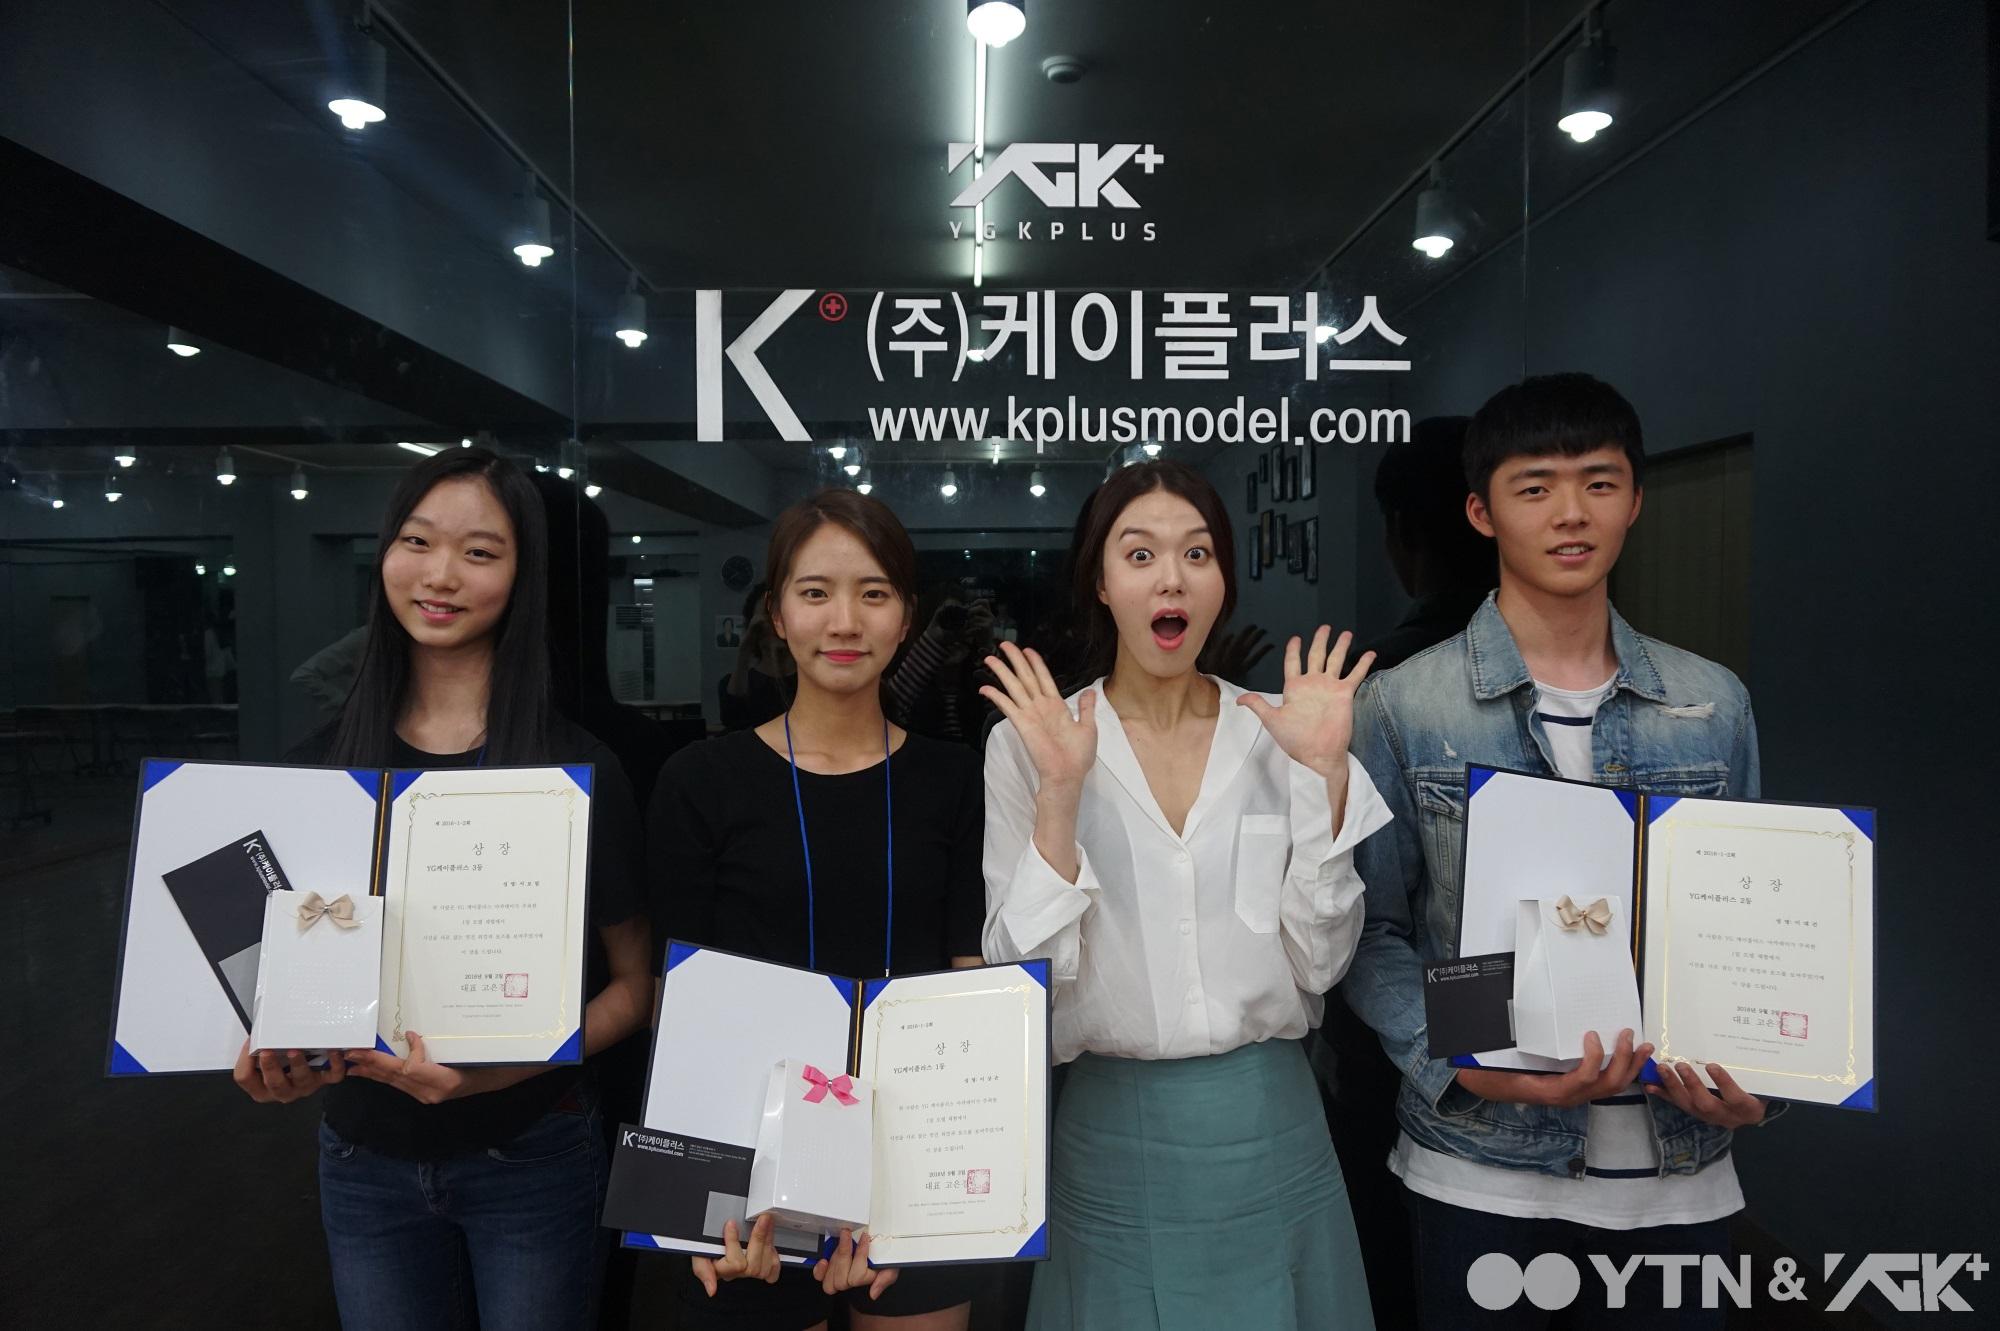 모델 이승미와 함께한 YG케이플러스 '1일 모델 체험' 성료!